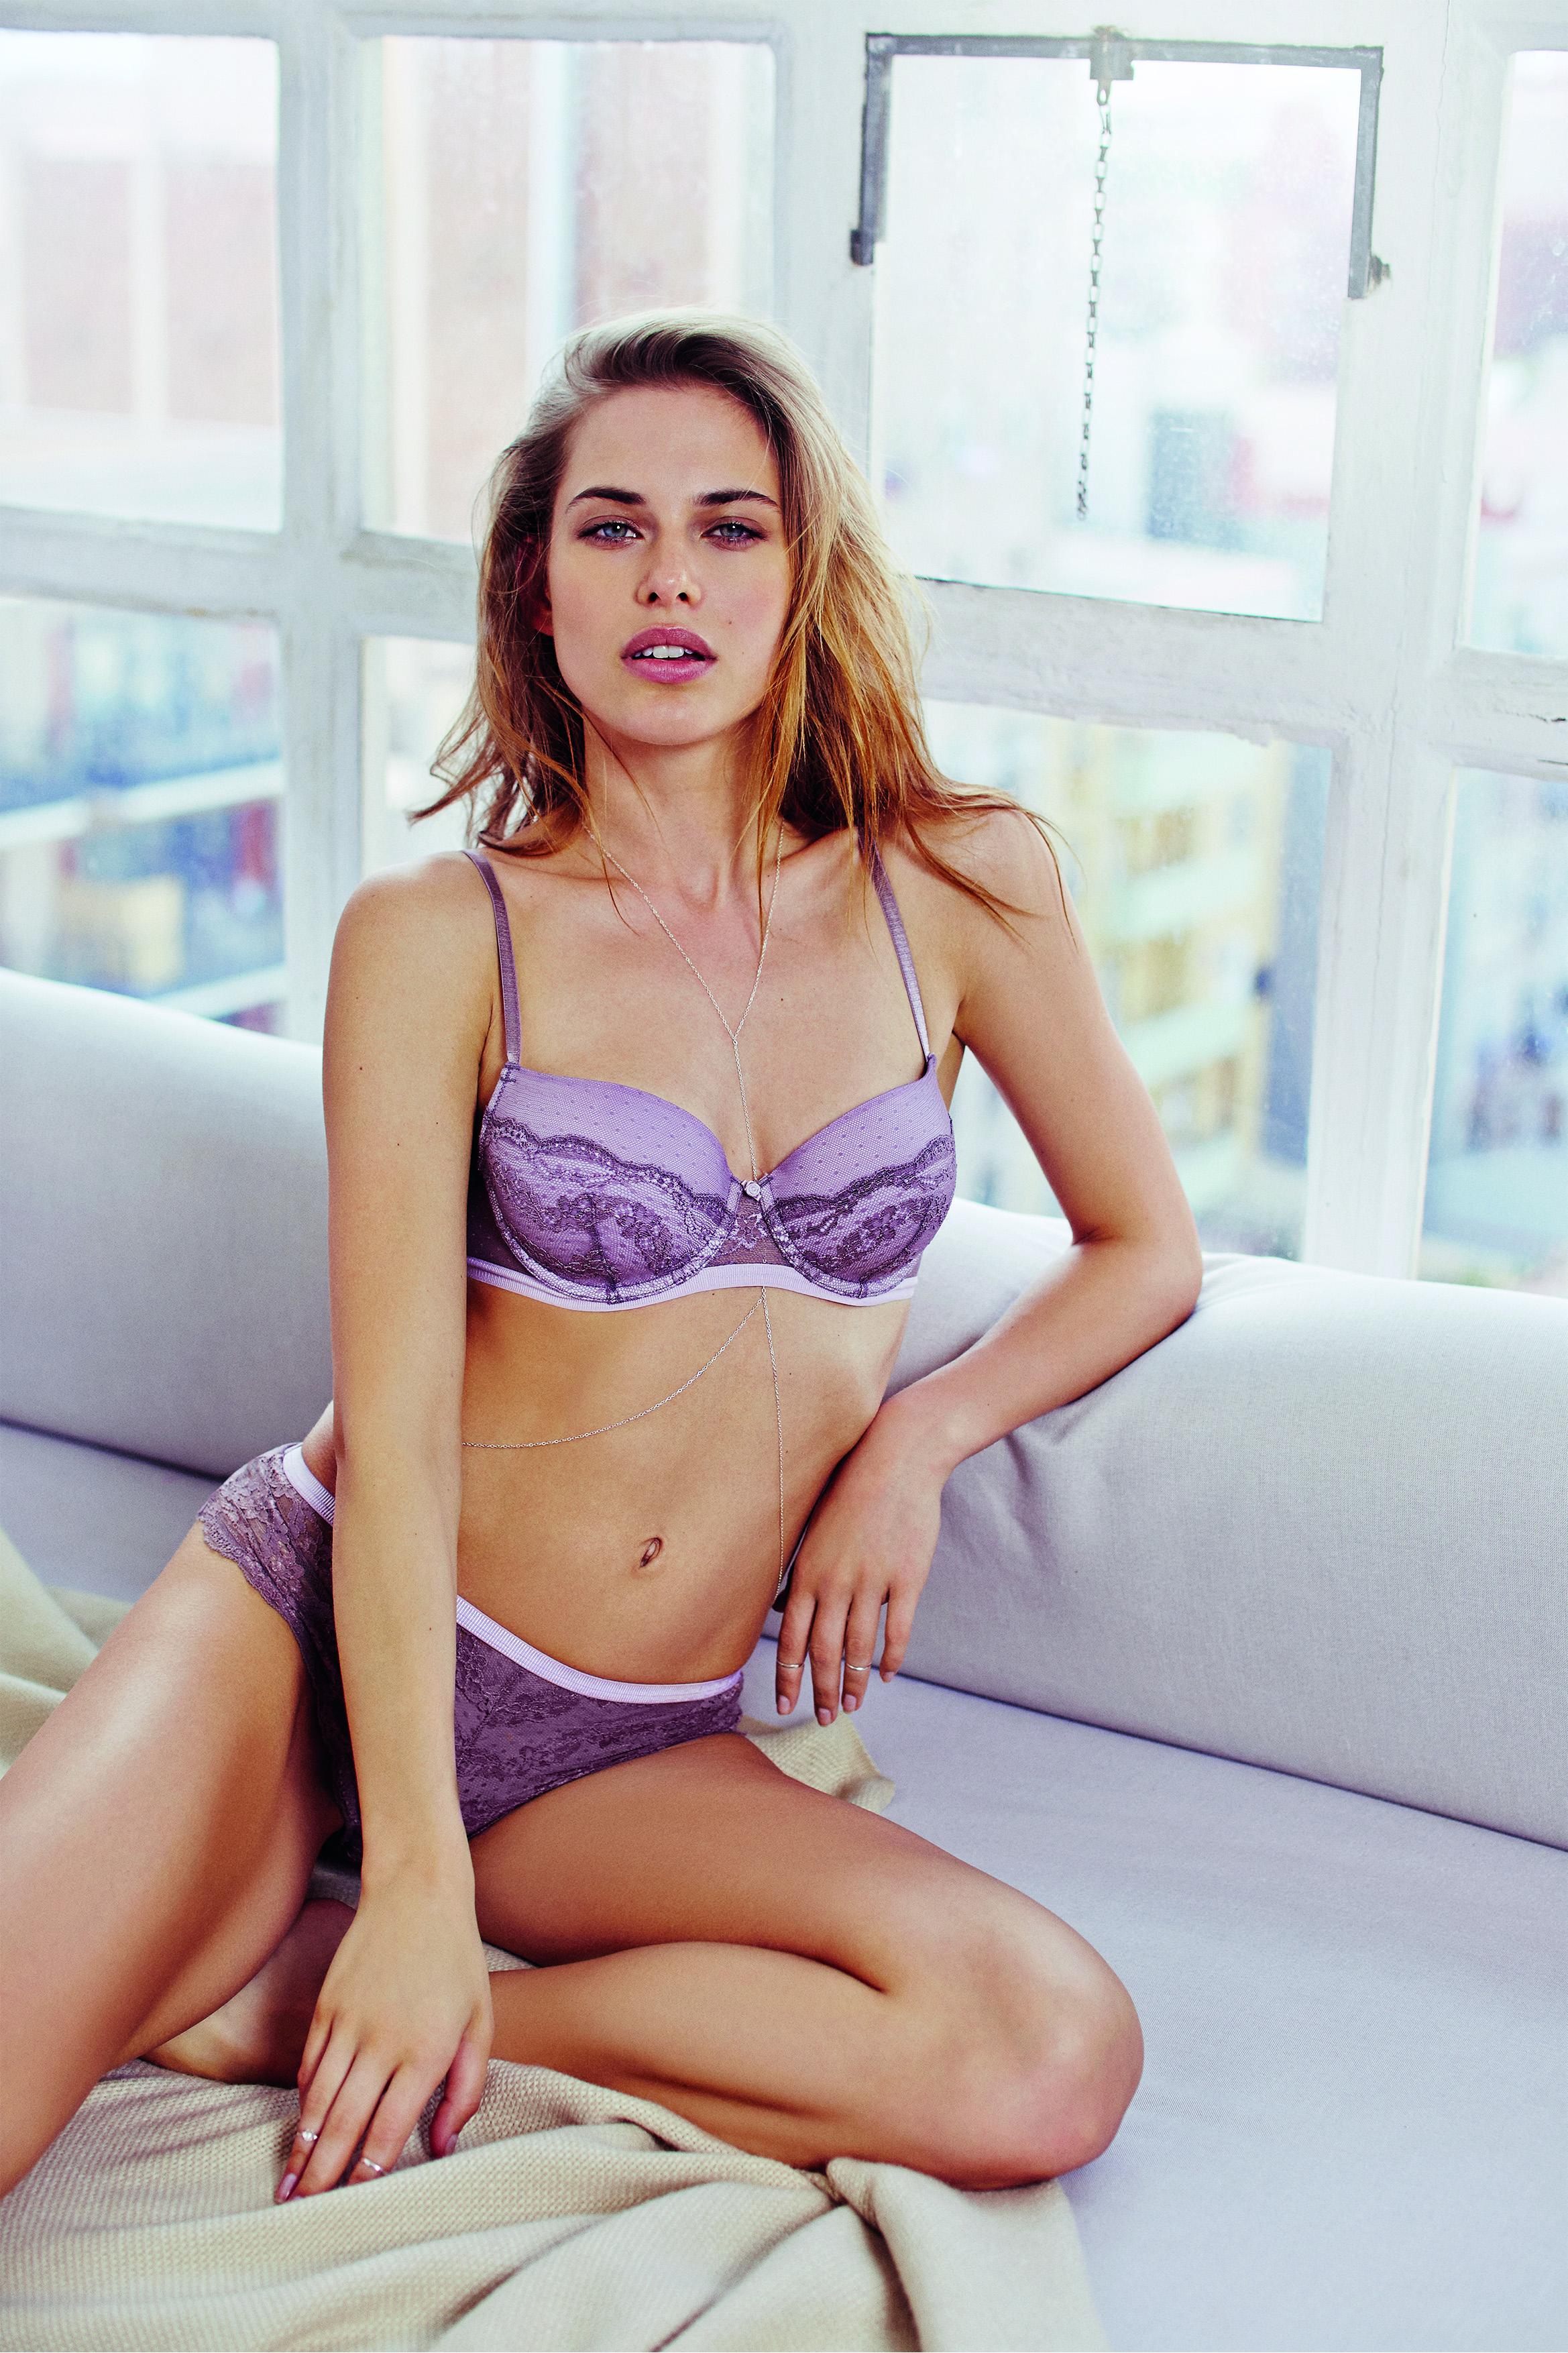 Nuevas colecciones oto o invierno de women secret - Combinaciones ropa interior femenina ...